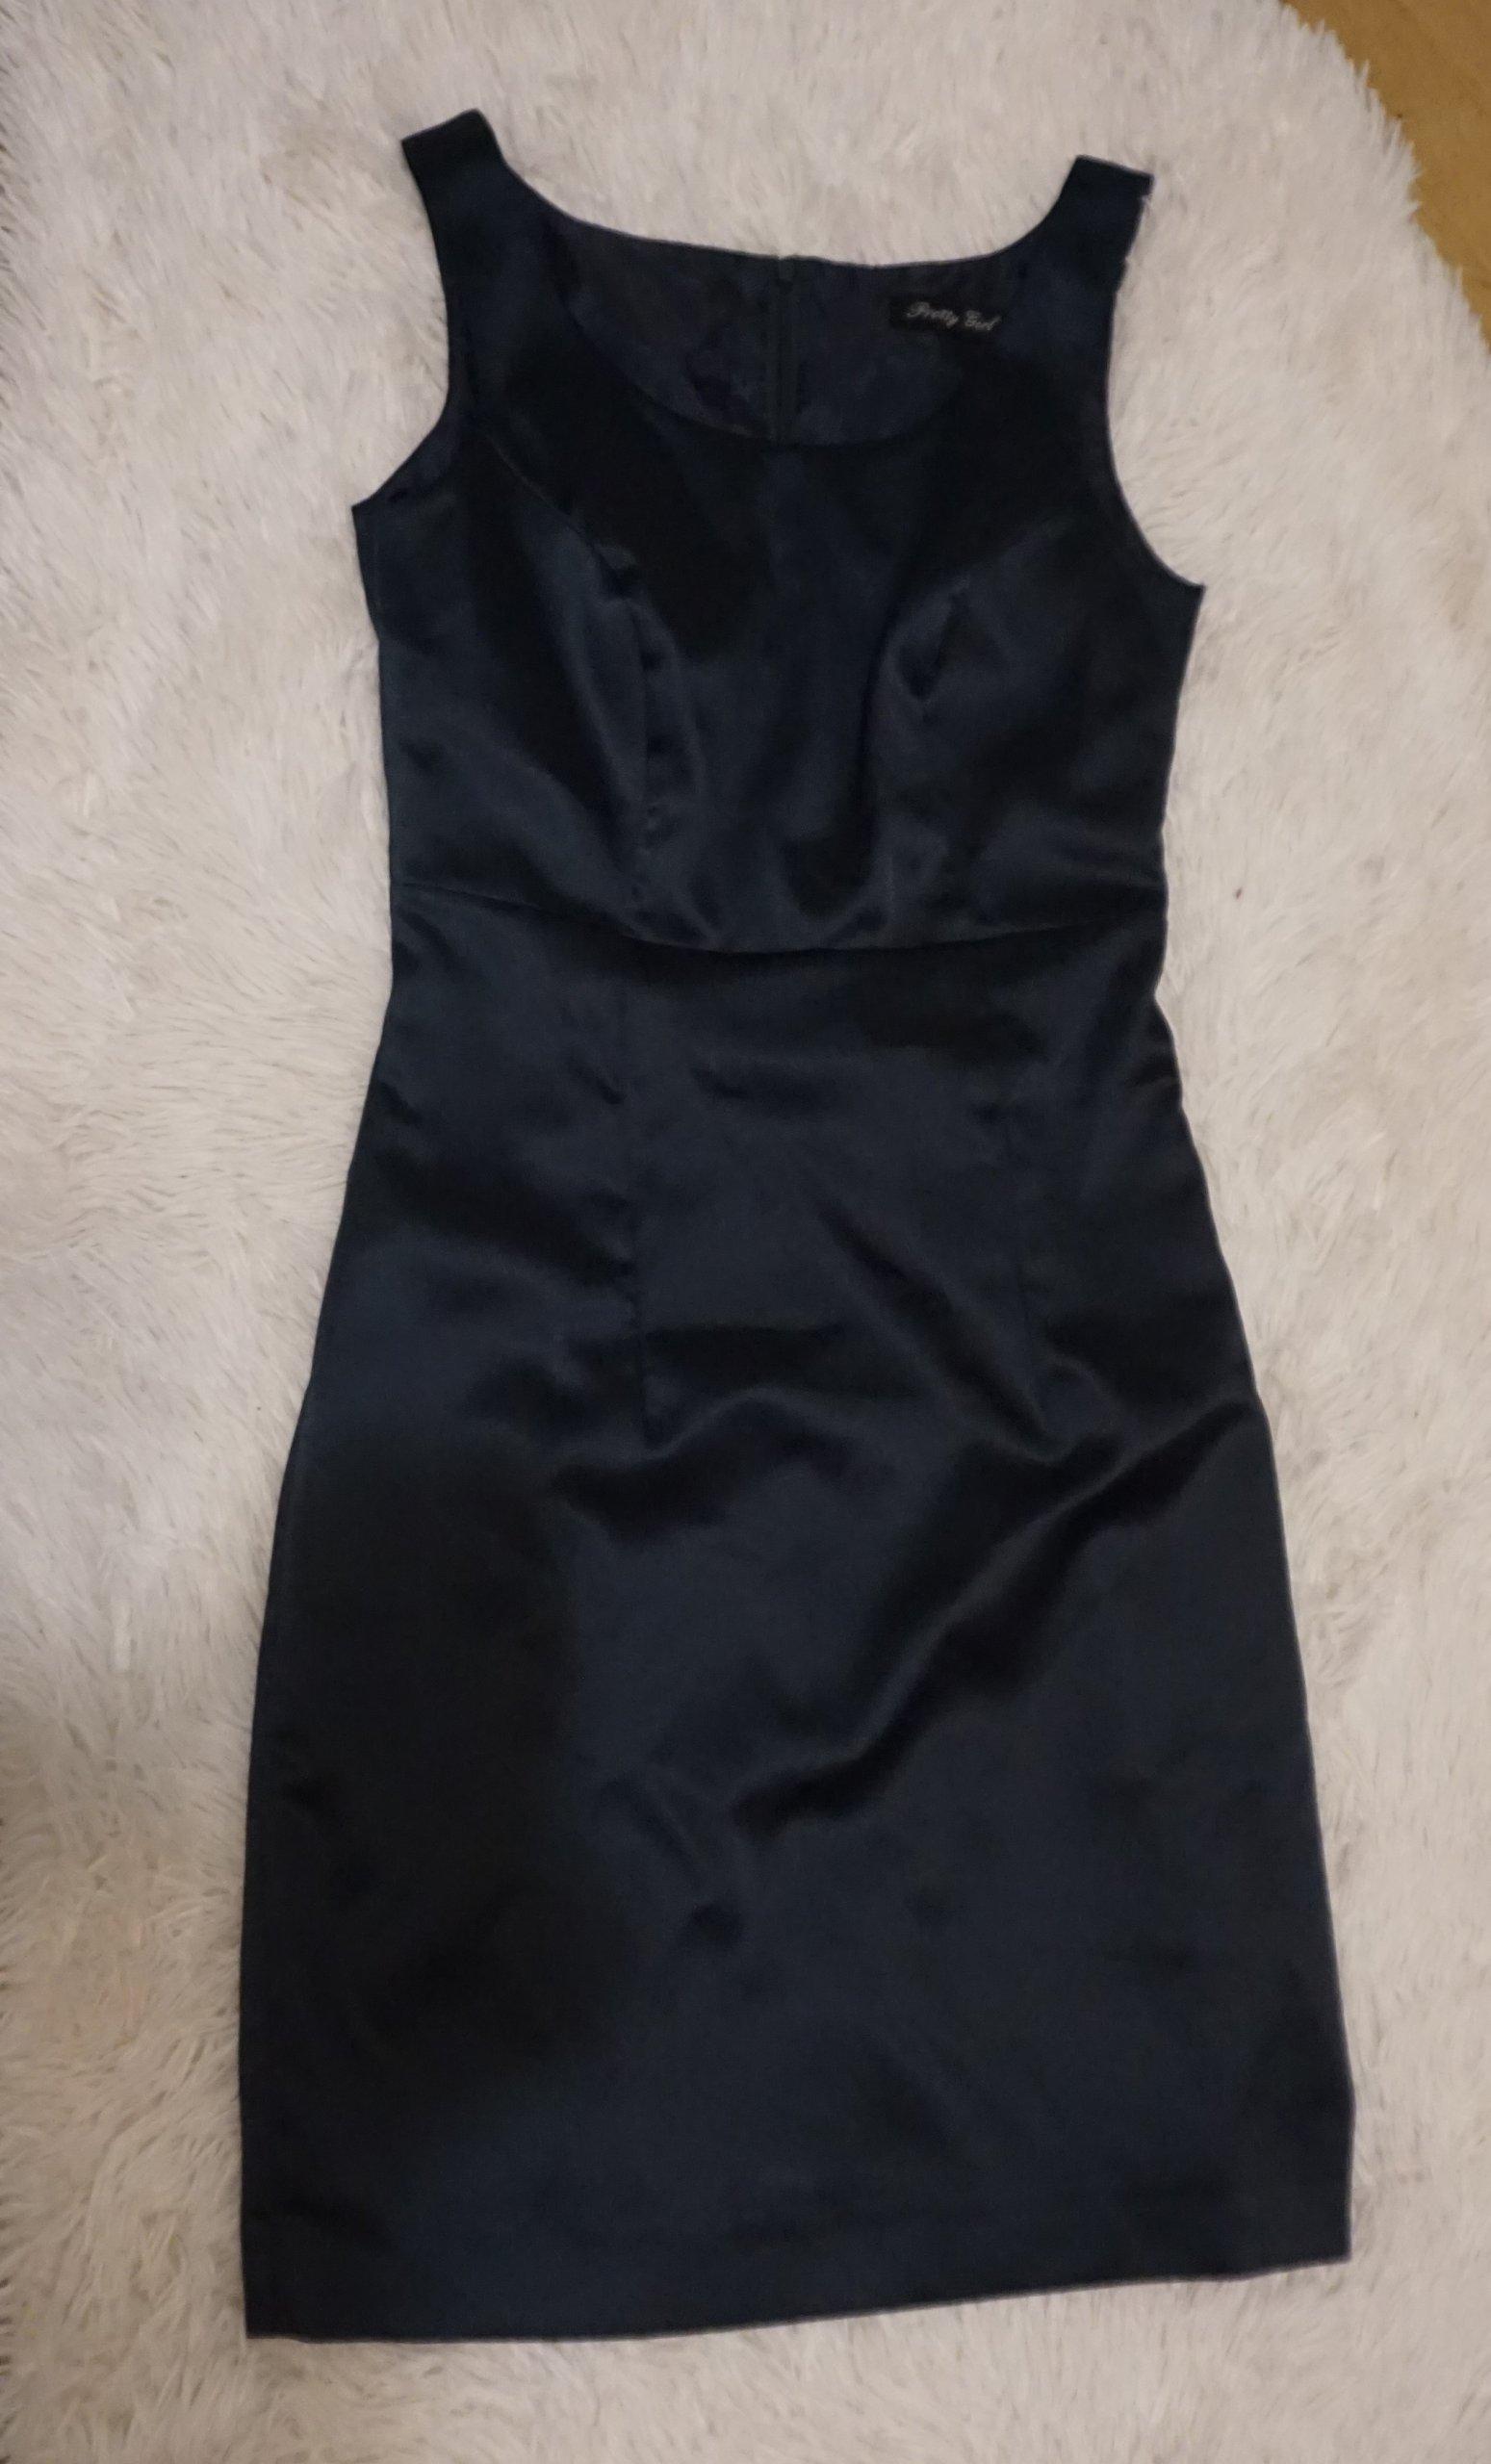 6e06b90397 Sukienka Pretty Girl ołówkowa klasyczna 34 XS - 7252375627 ...